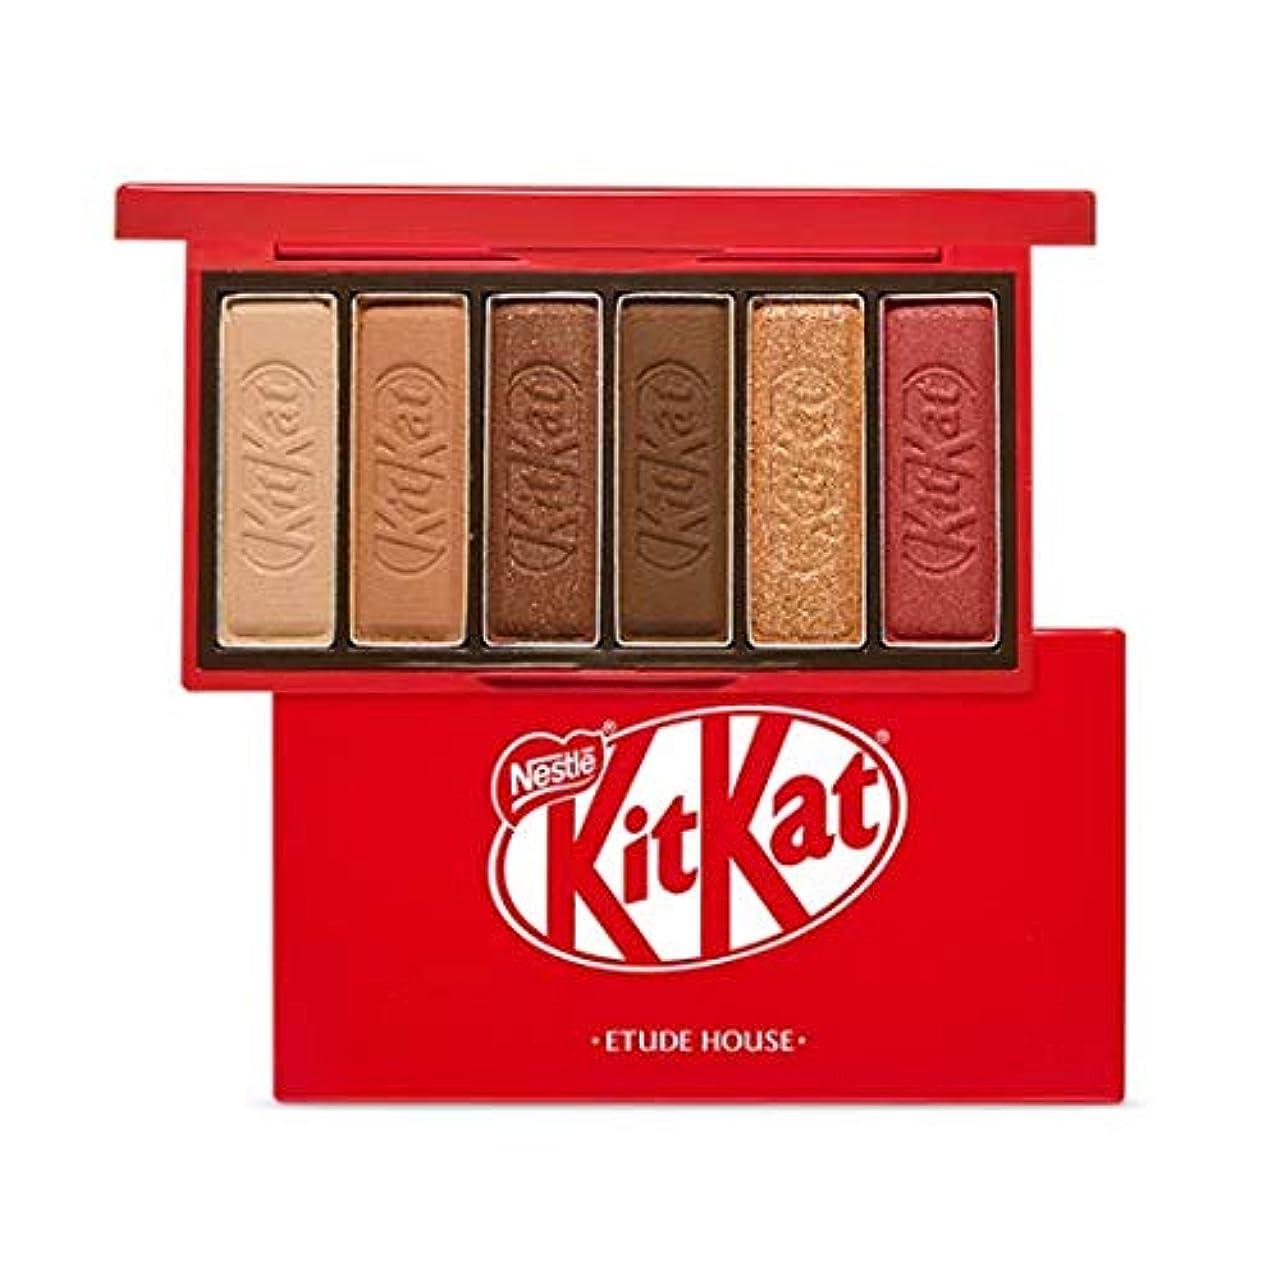 グループ麻痺肘エチュードハウス キットカット プレイカラー アイズ ミニ 1*6g / ETUDE HOUSE KitKat Play Color Eyes Mini #1 KitKat Original [並行輸入品]